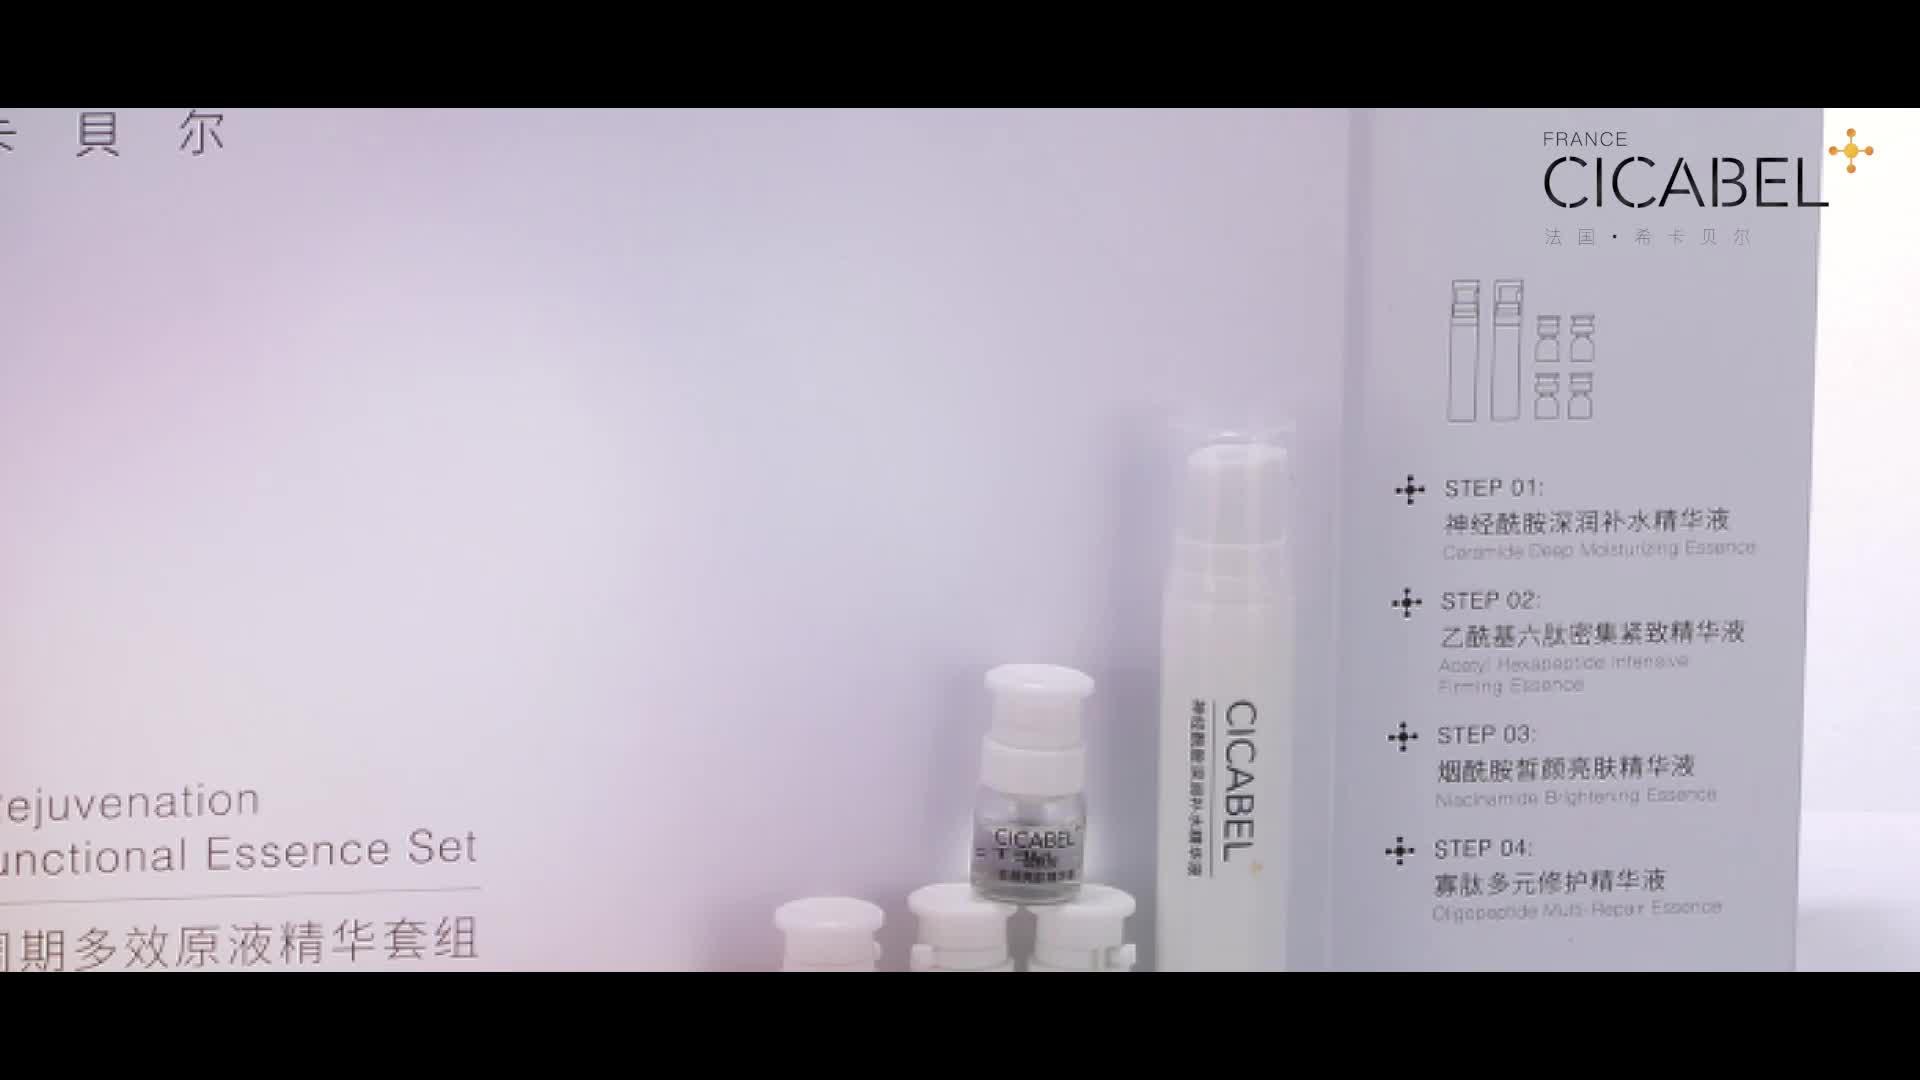 Anti Aging Serum Hyaluronsäure Für Haut Bilder Gesichts Kit Für Frauen Aktive Peptid Hautpflege Epidermal Growth Factor Egf